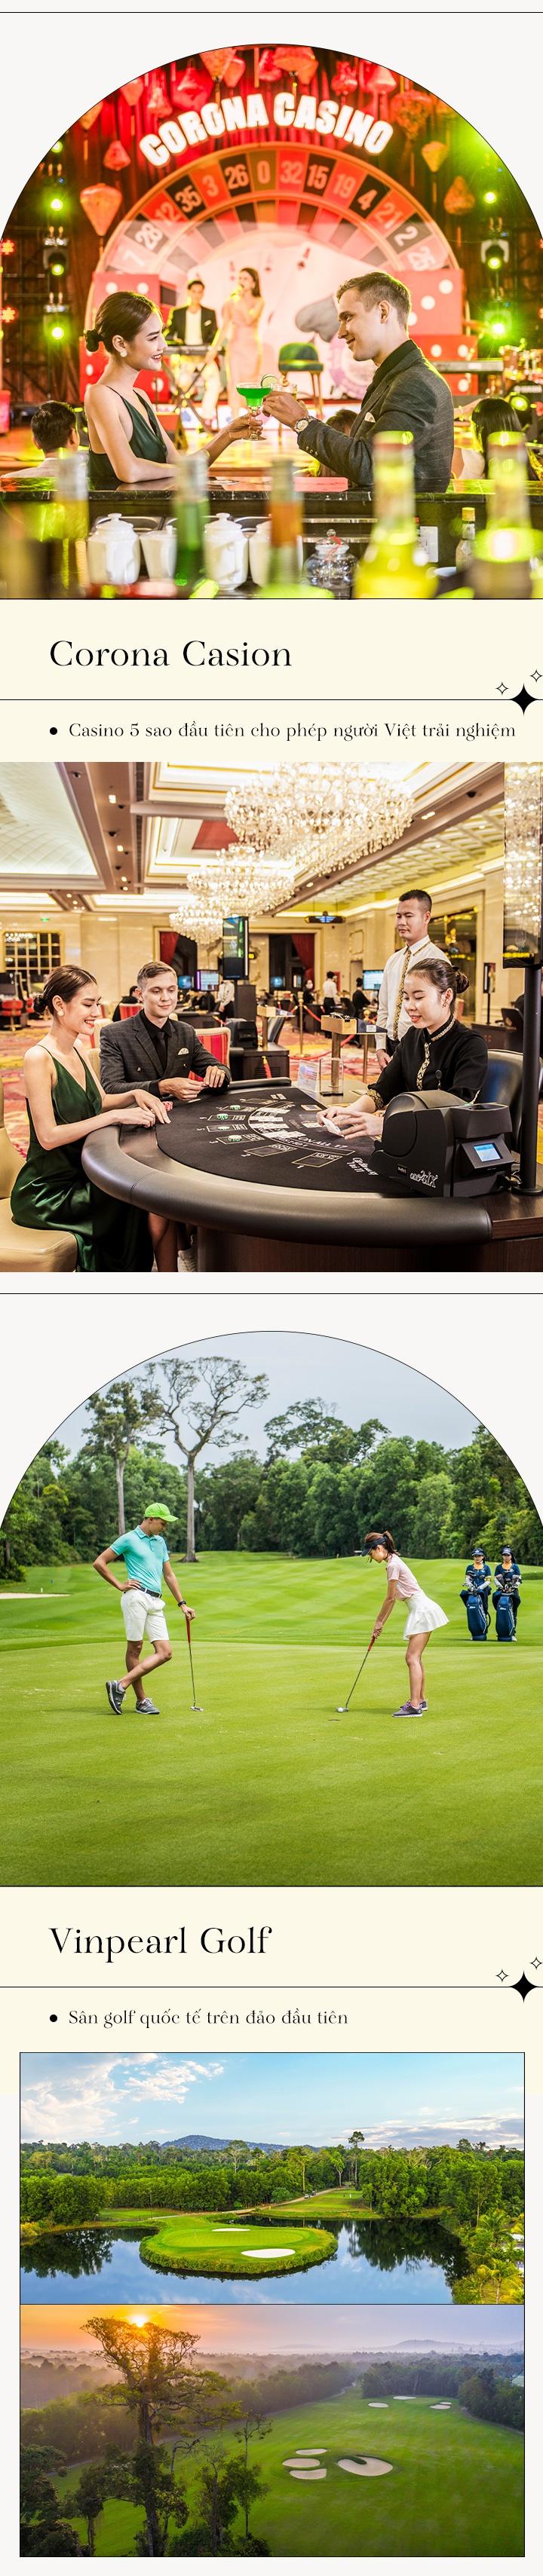 - Highlight_Mobile_08 - Những kỷ lục mới tại 'siêu quần thể không ngủ' Phú Quốc United Center